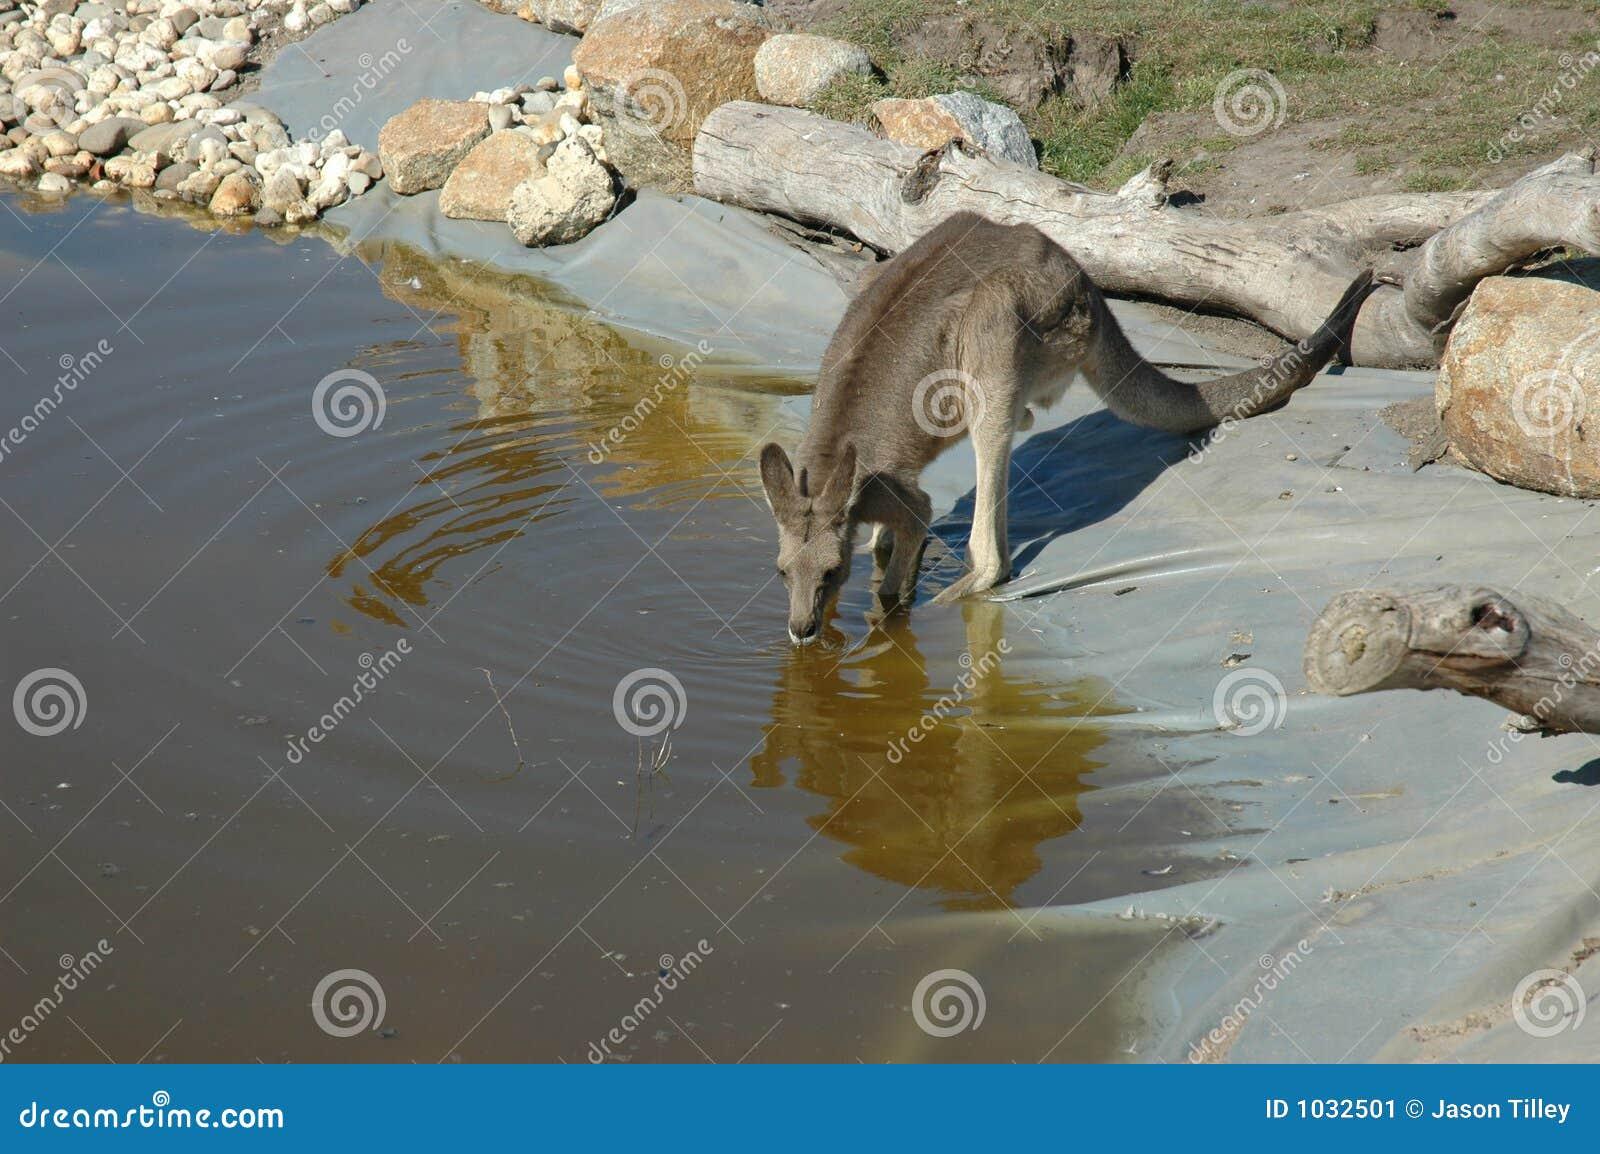 Drinking Kangaroo